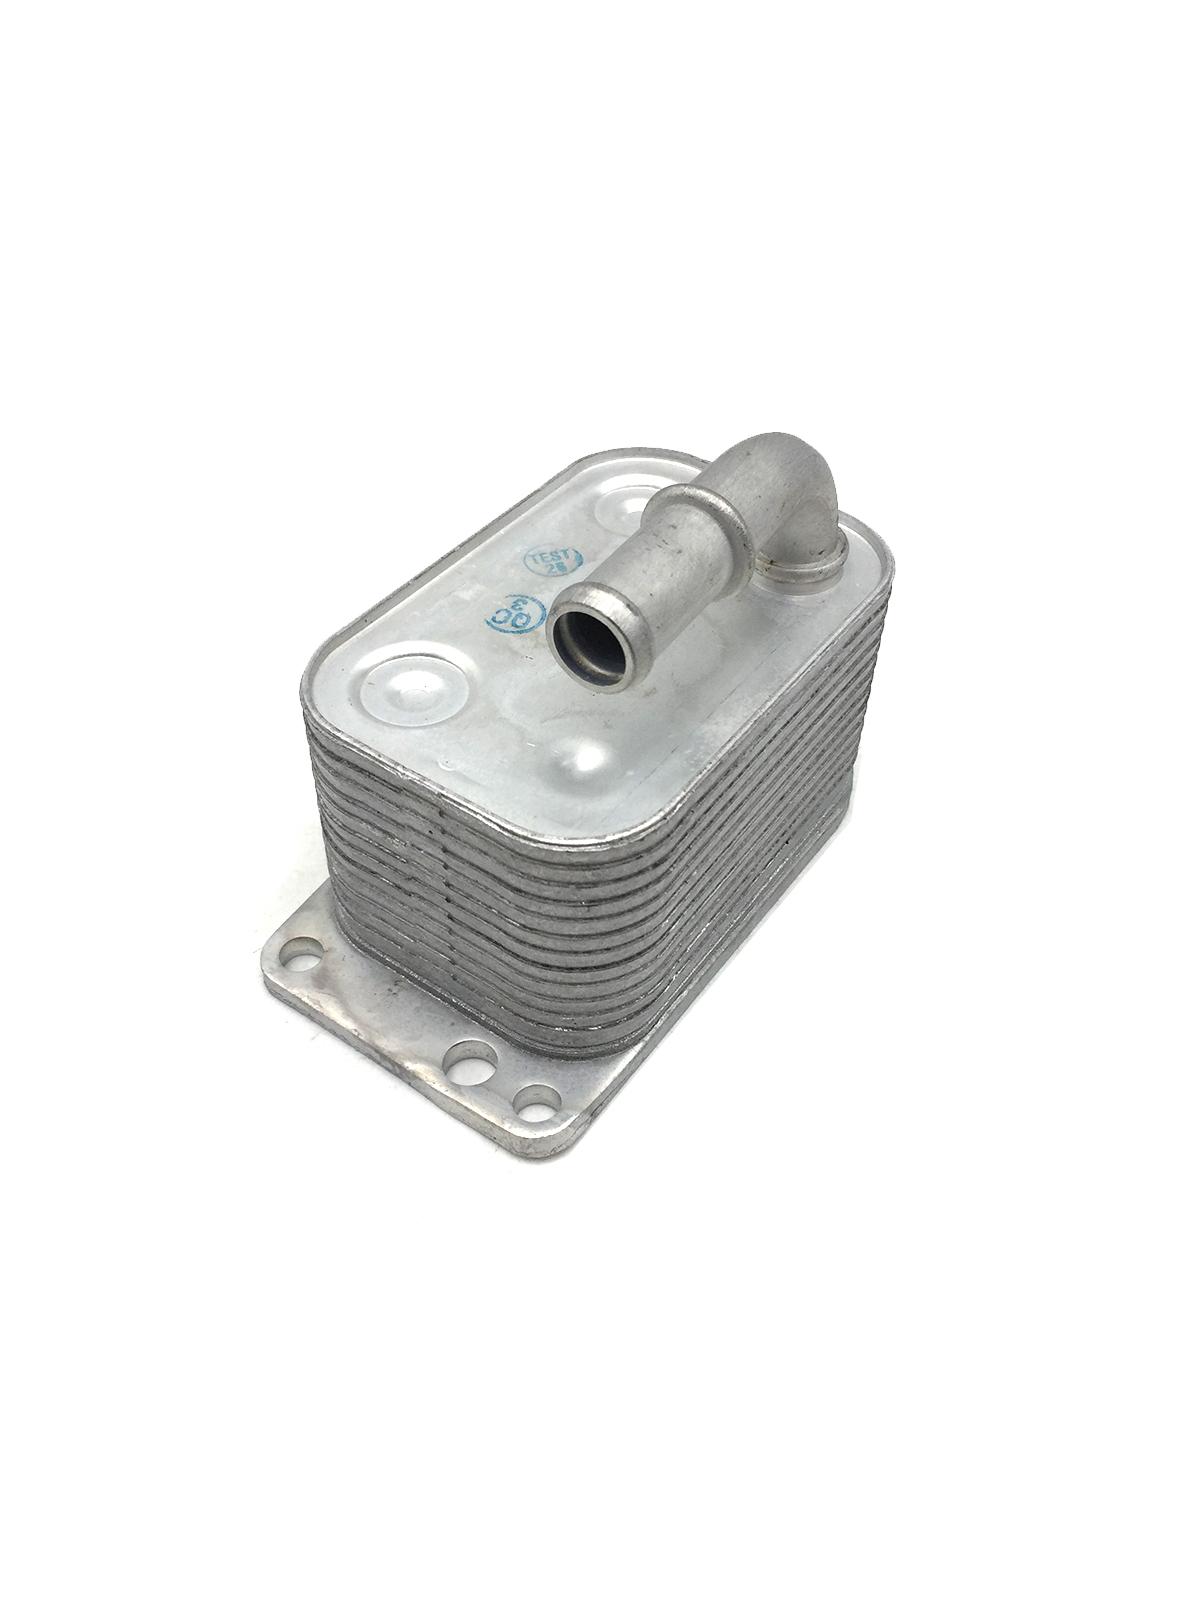 Trocador de Calor (Radiador) 3221470 - 5989070251 - Citroen